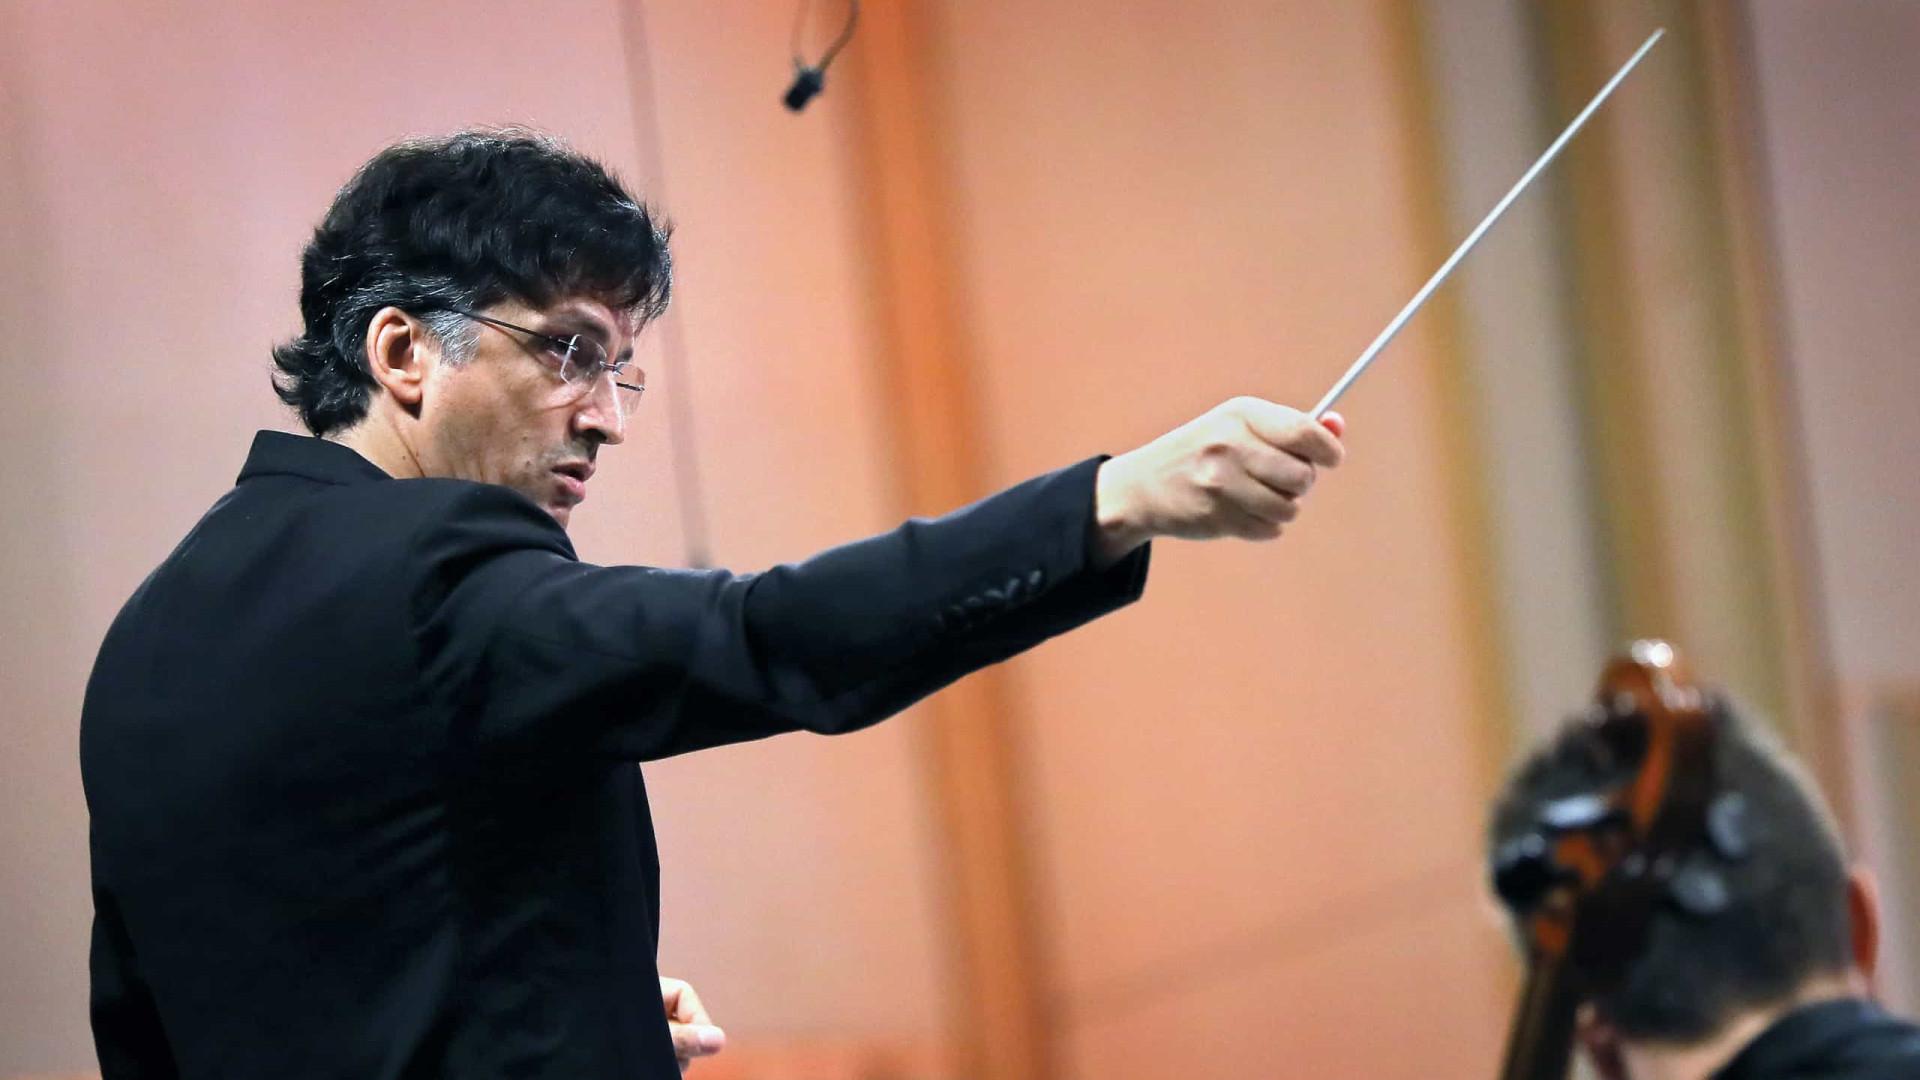 Orquestra Sinfónica da Casa da Música toca Stravinsky com companhia